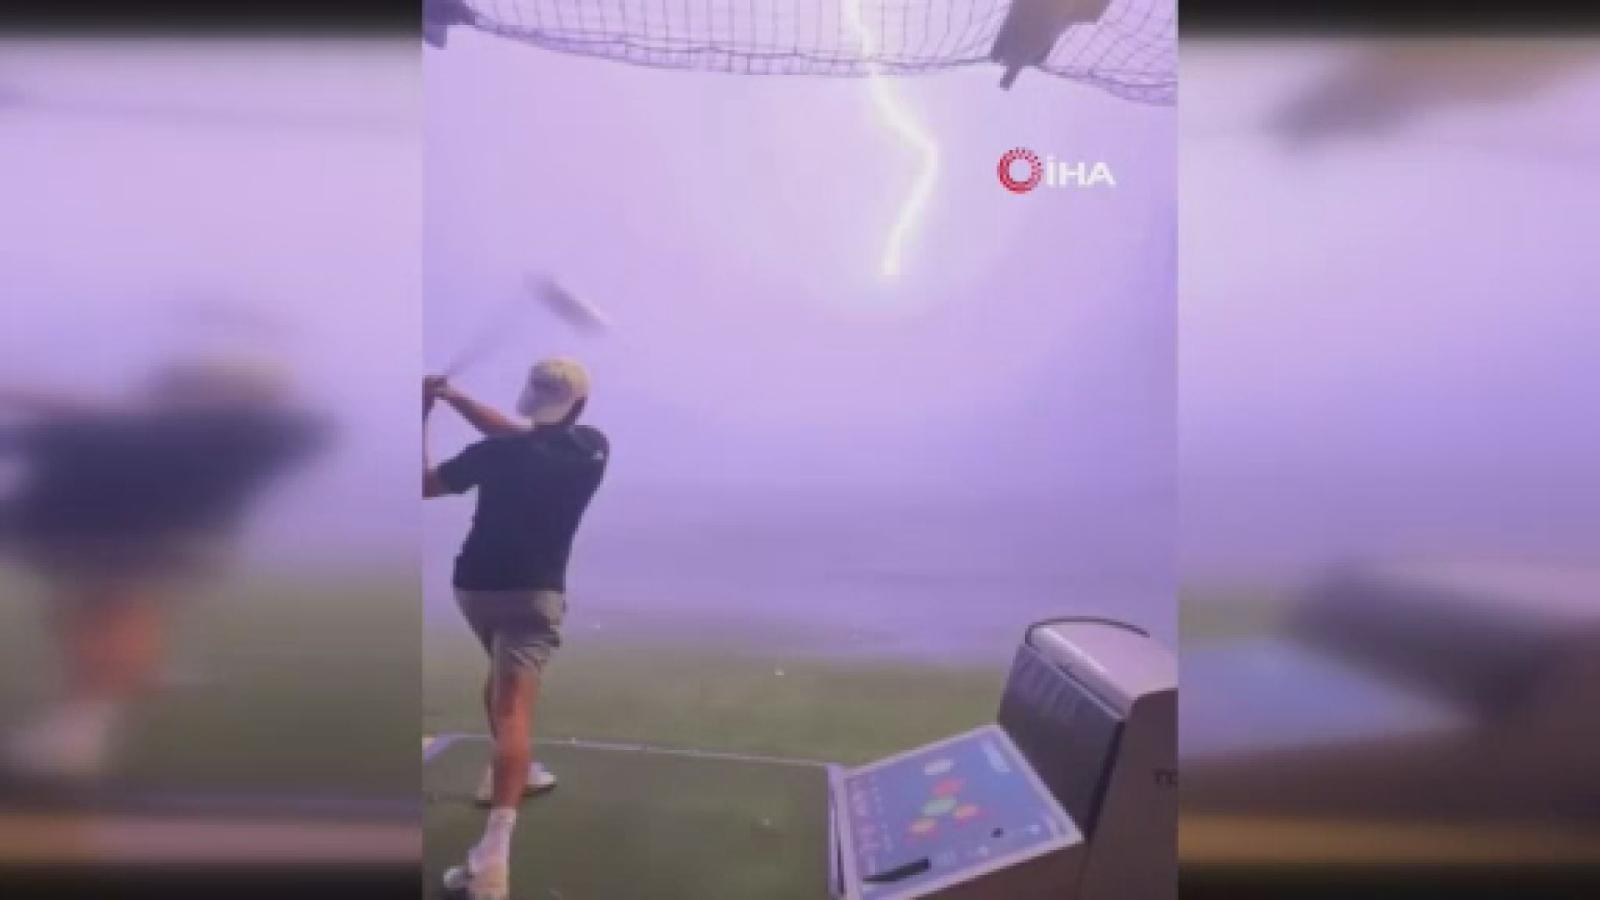 Milyonda Bir Olay: Havadaki Golf Topuna Yıldırım Çarptı